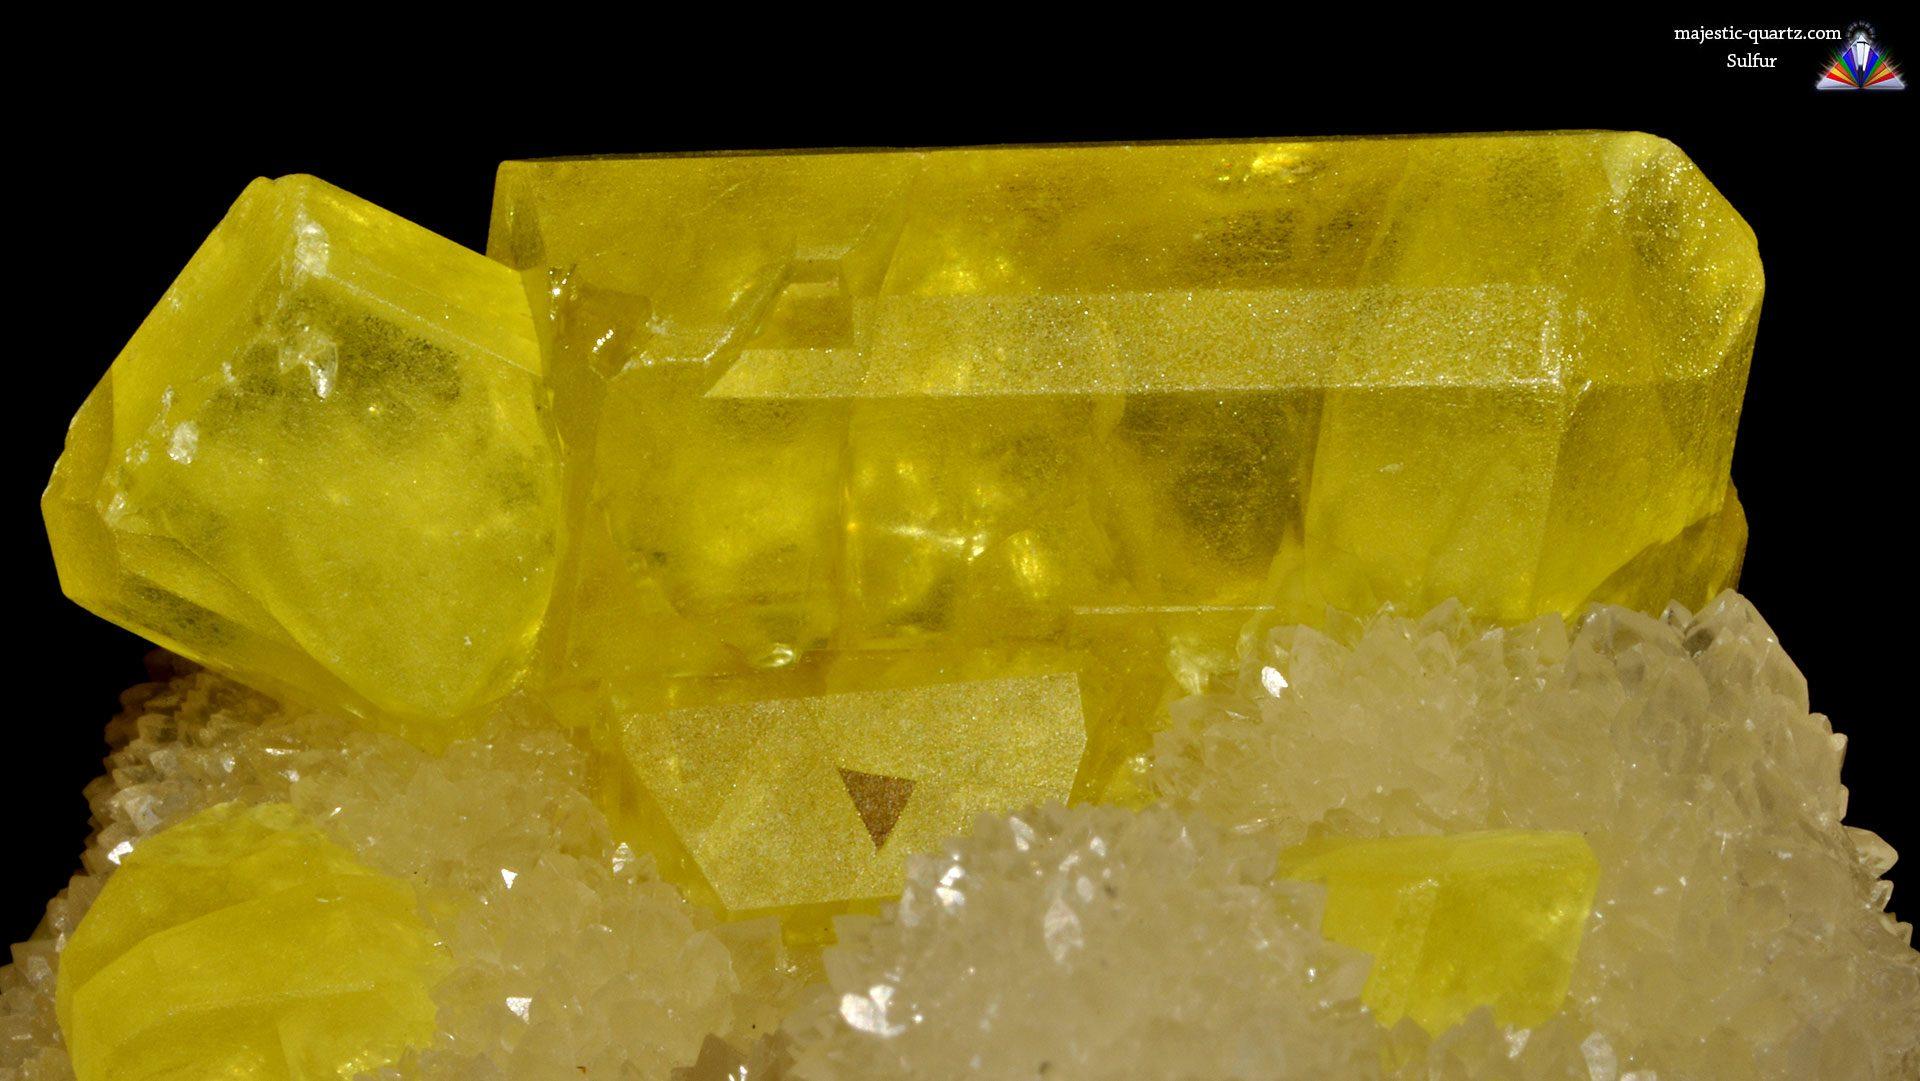 Sulfur Crystal Specimen - Mineral Specimen